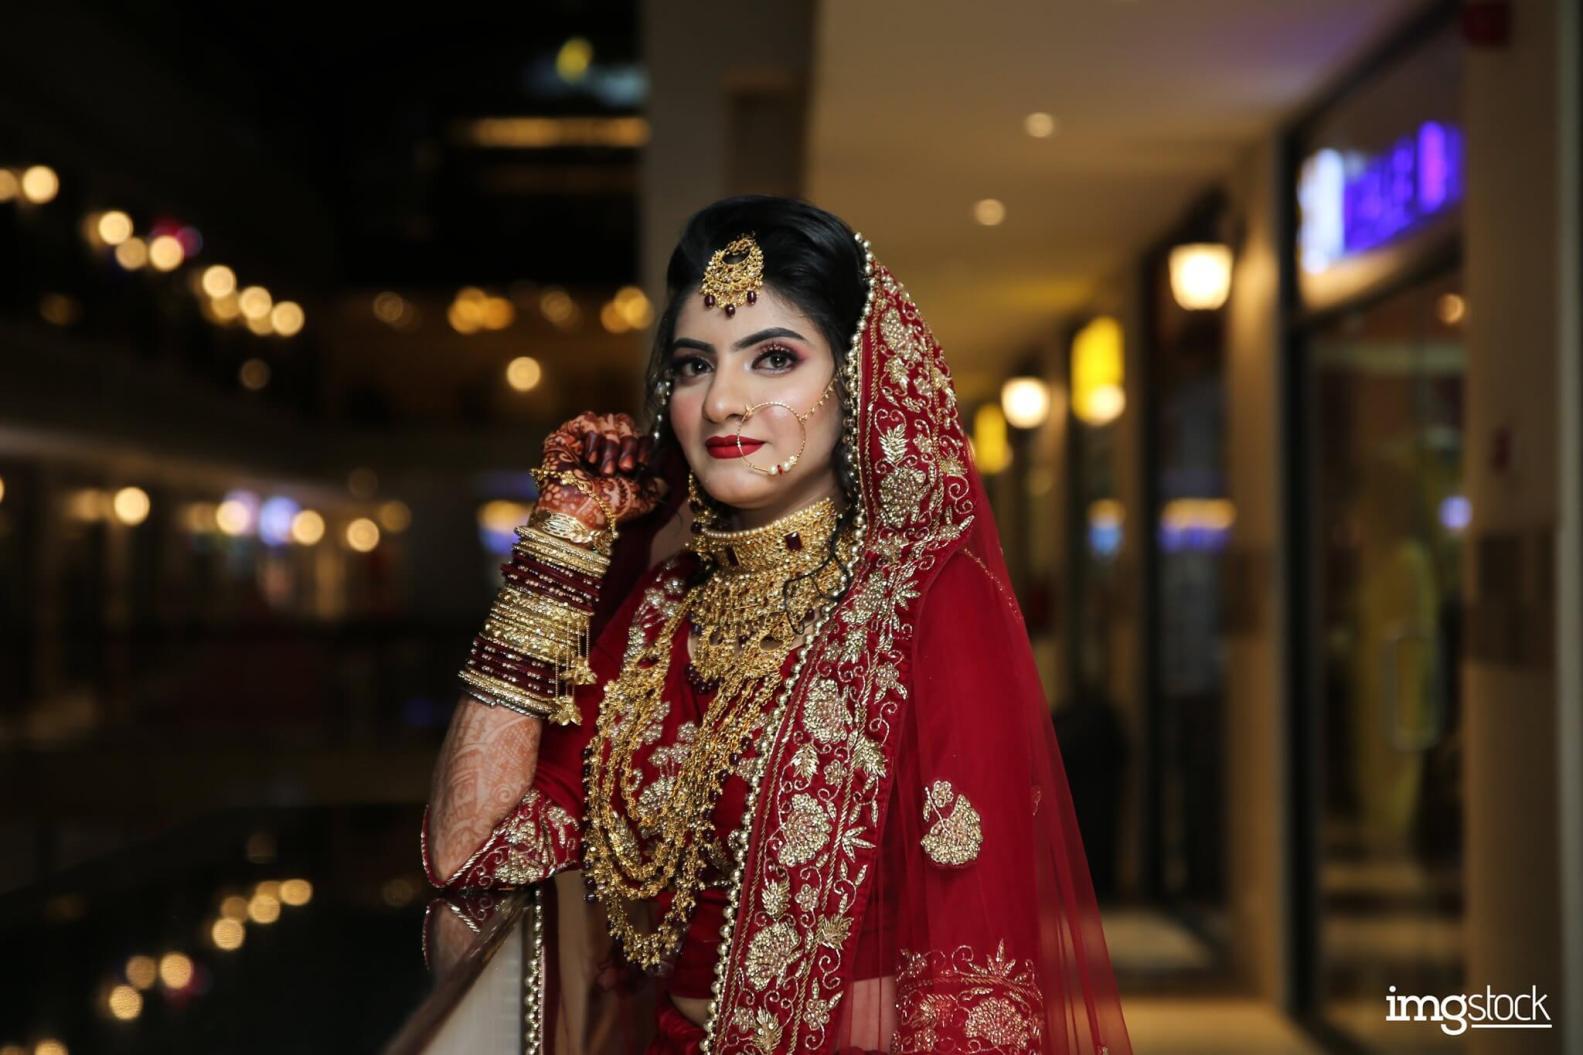 Wedding Photography - ImgStock Biratnagar